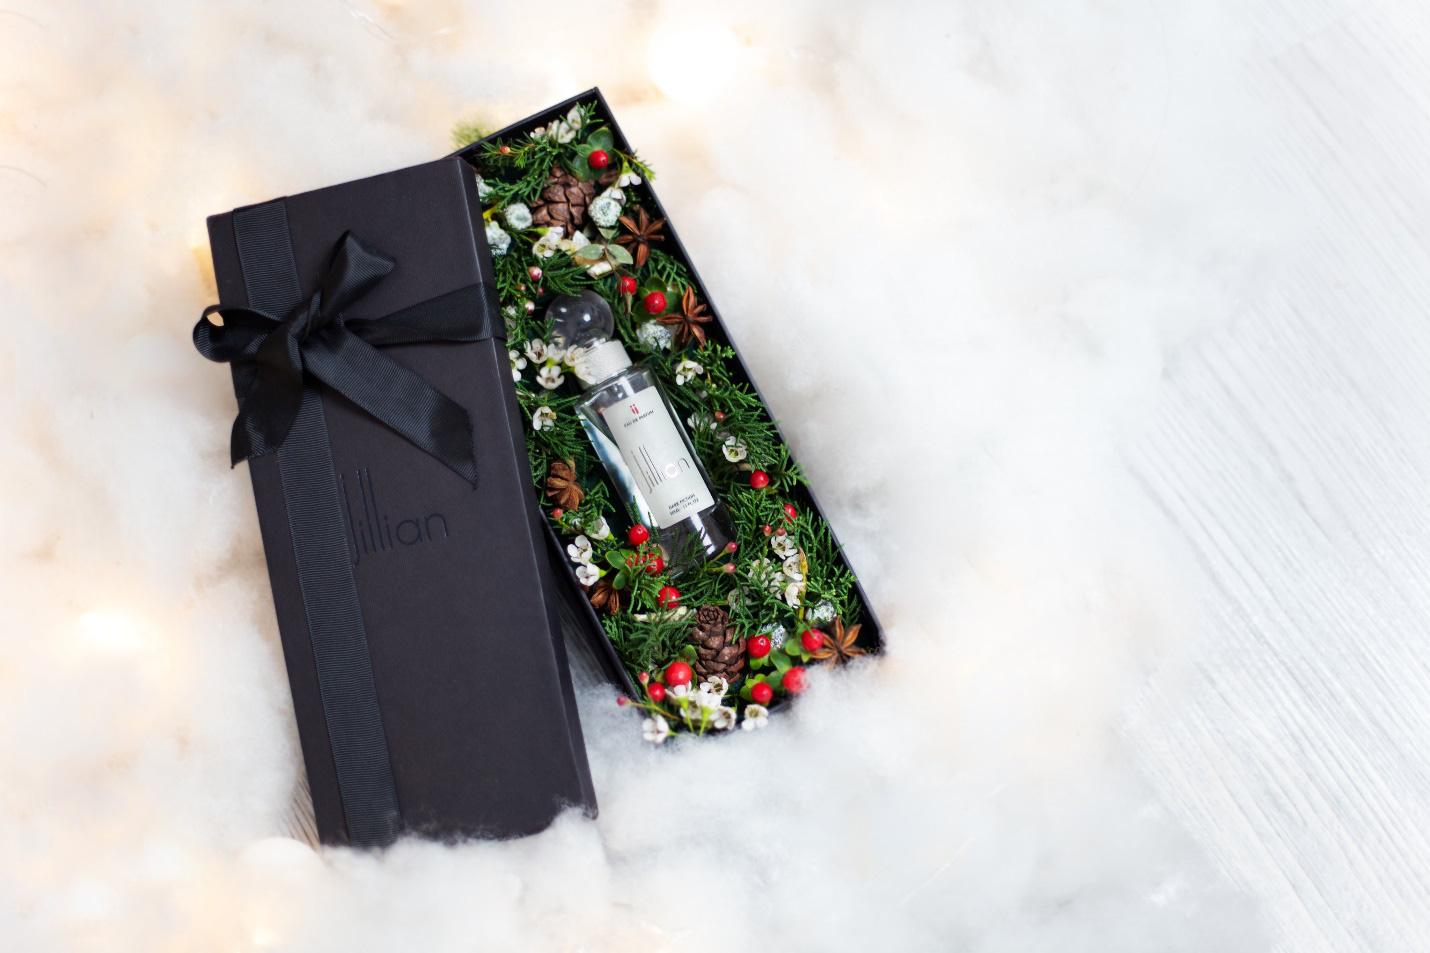 Quà tặng độc đáo của nước hoa cao cấp Jillian mùa Giáng sinh - Ảnh 4.